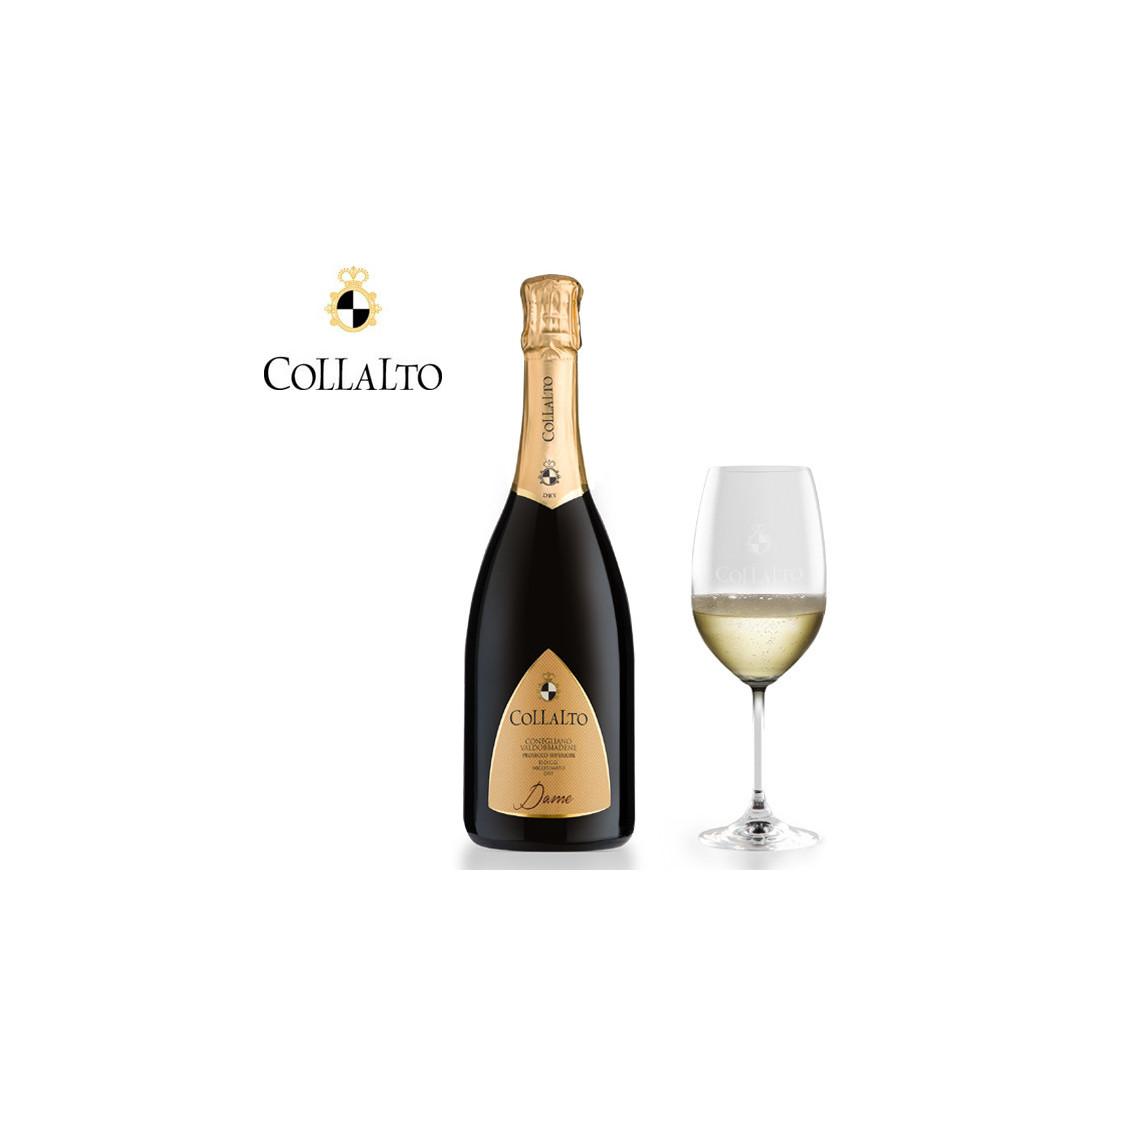 COLLALTO Dame Dry DOCG - 750 ml